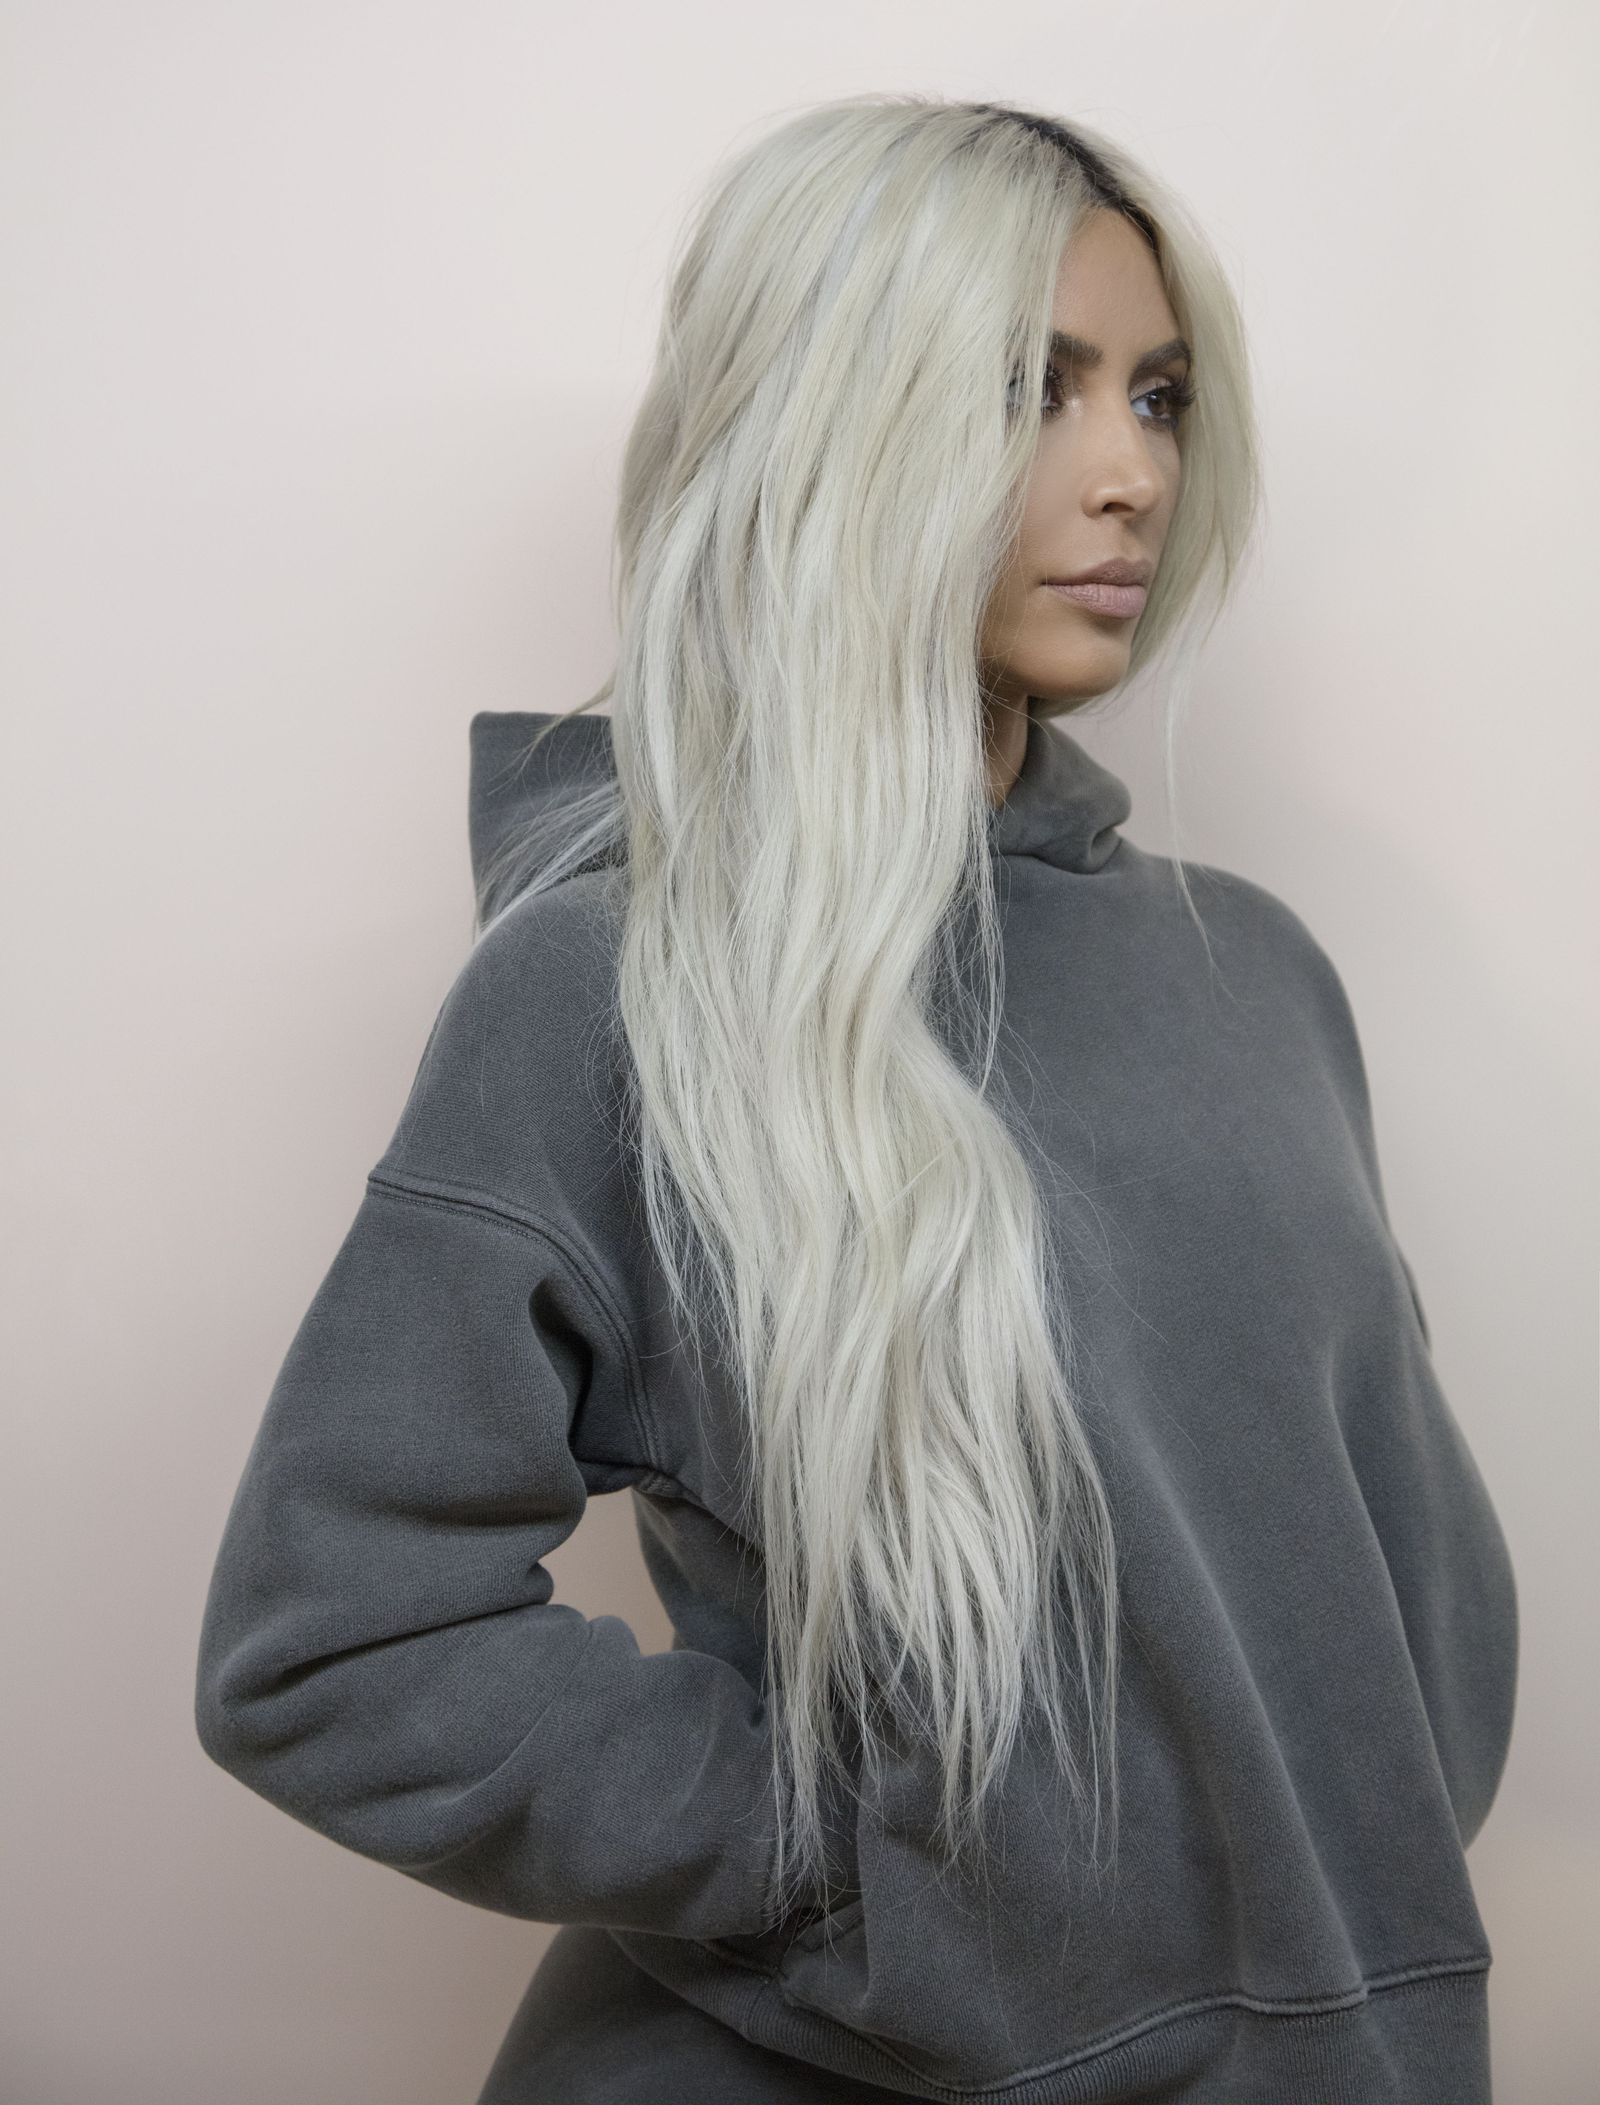 Kim Kardashian Lawyer Jessica